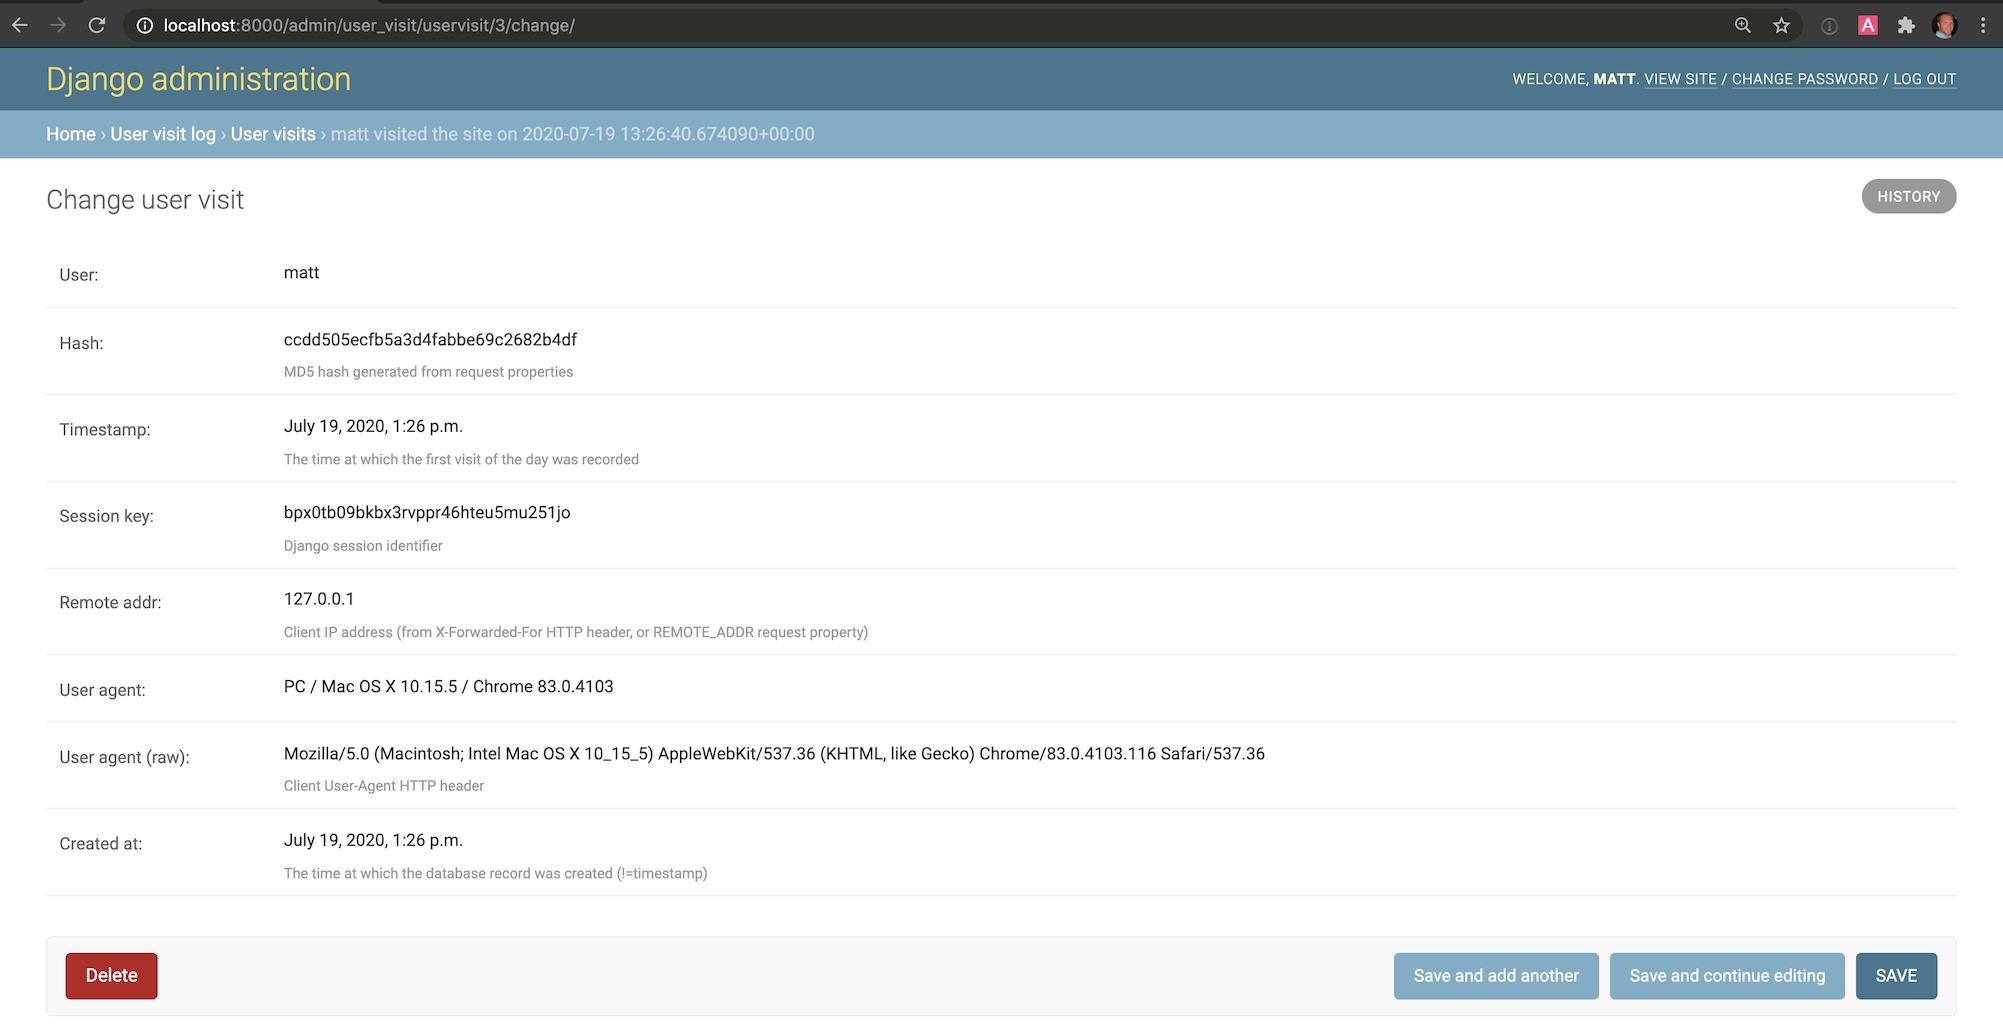 página de detalles de django-user-visit en el administrador de Django.